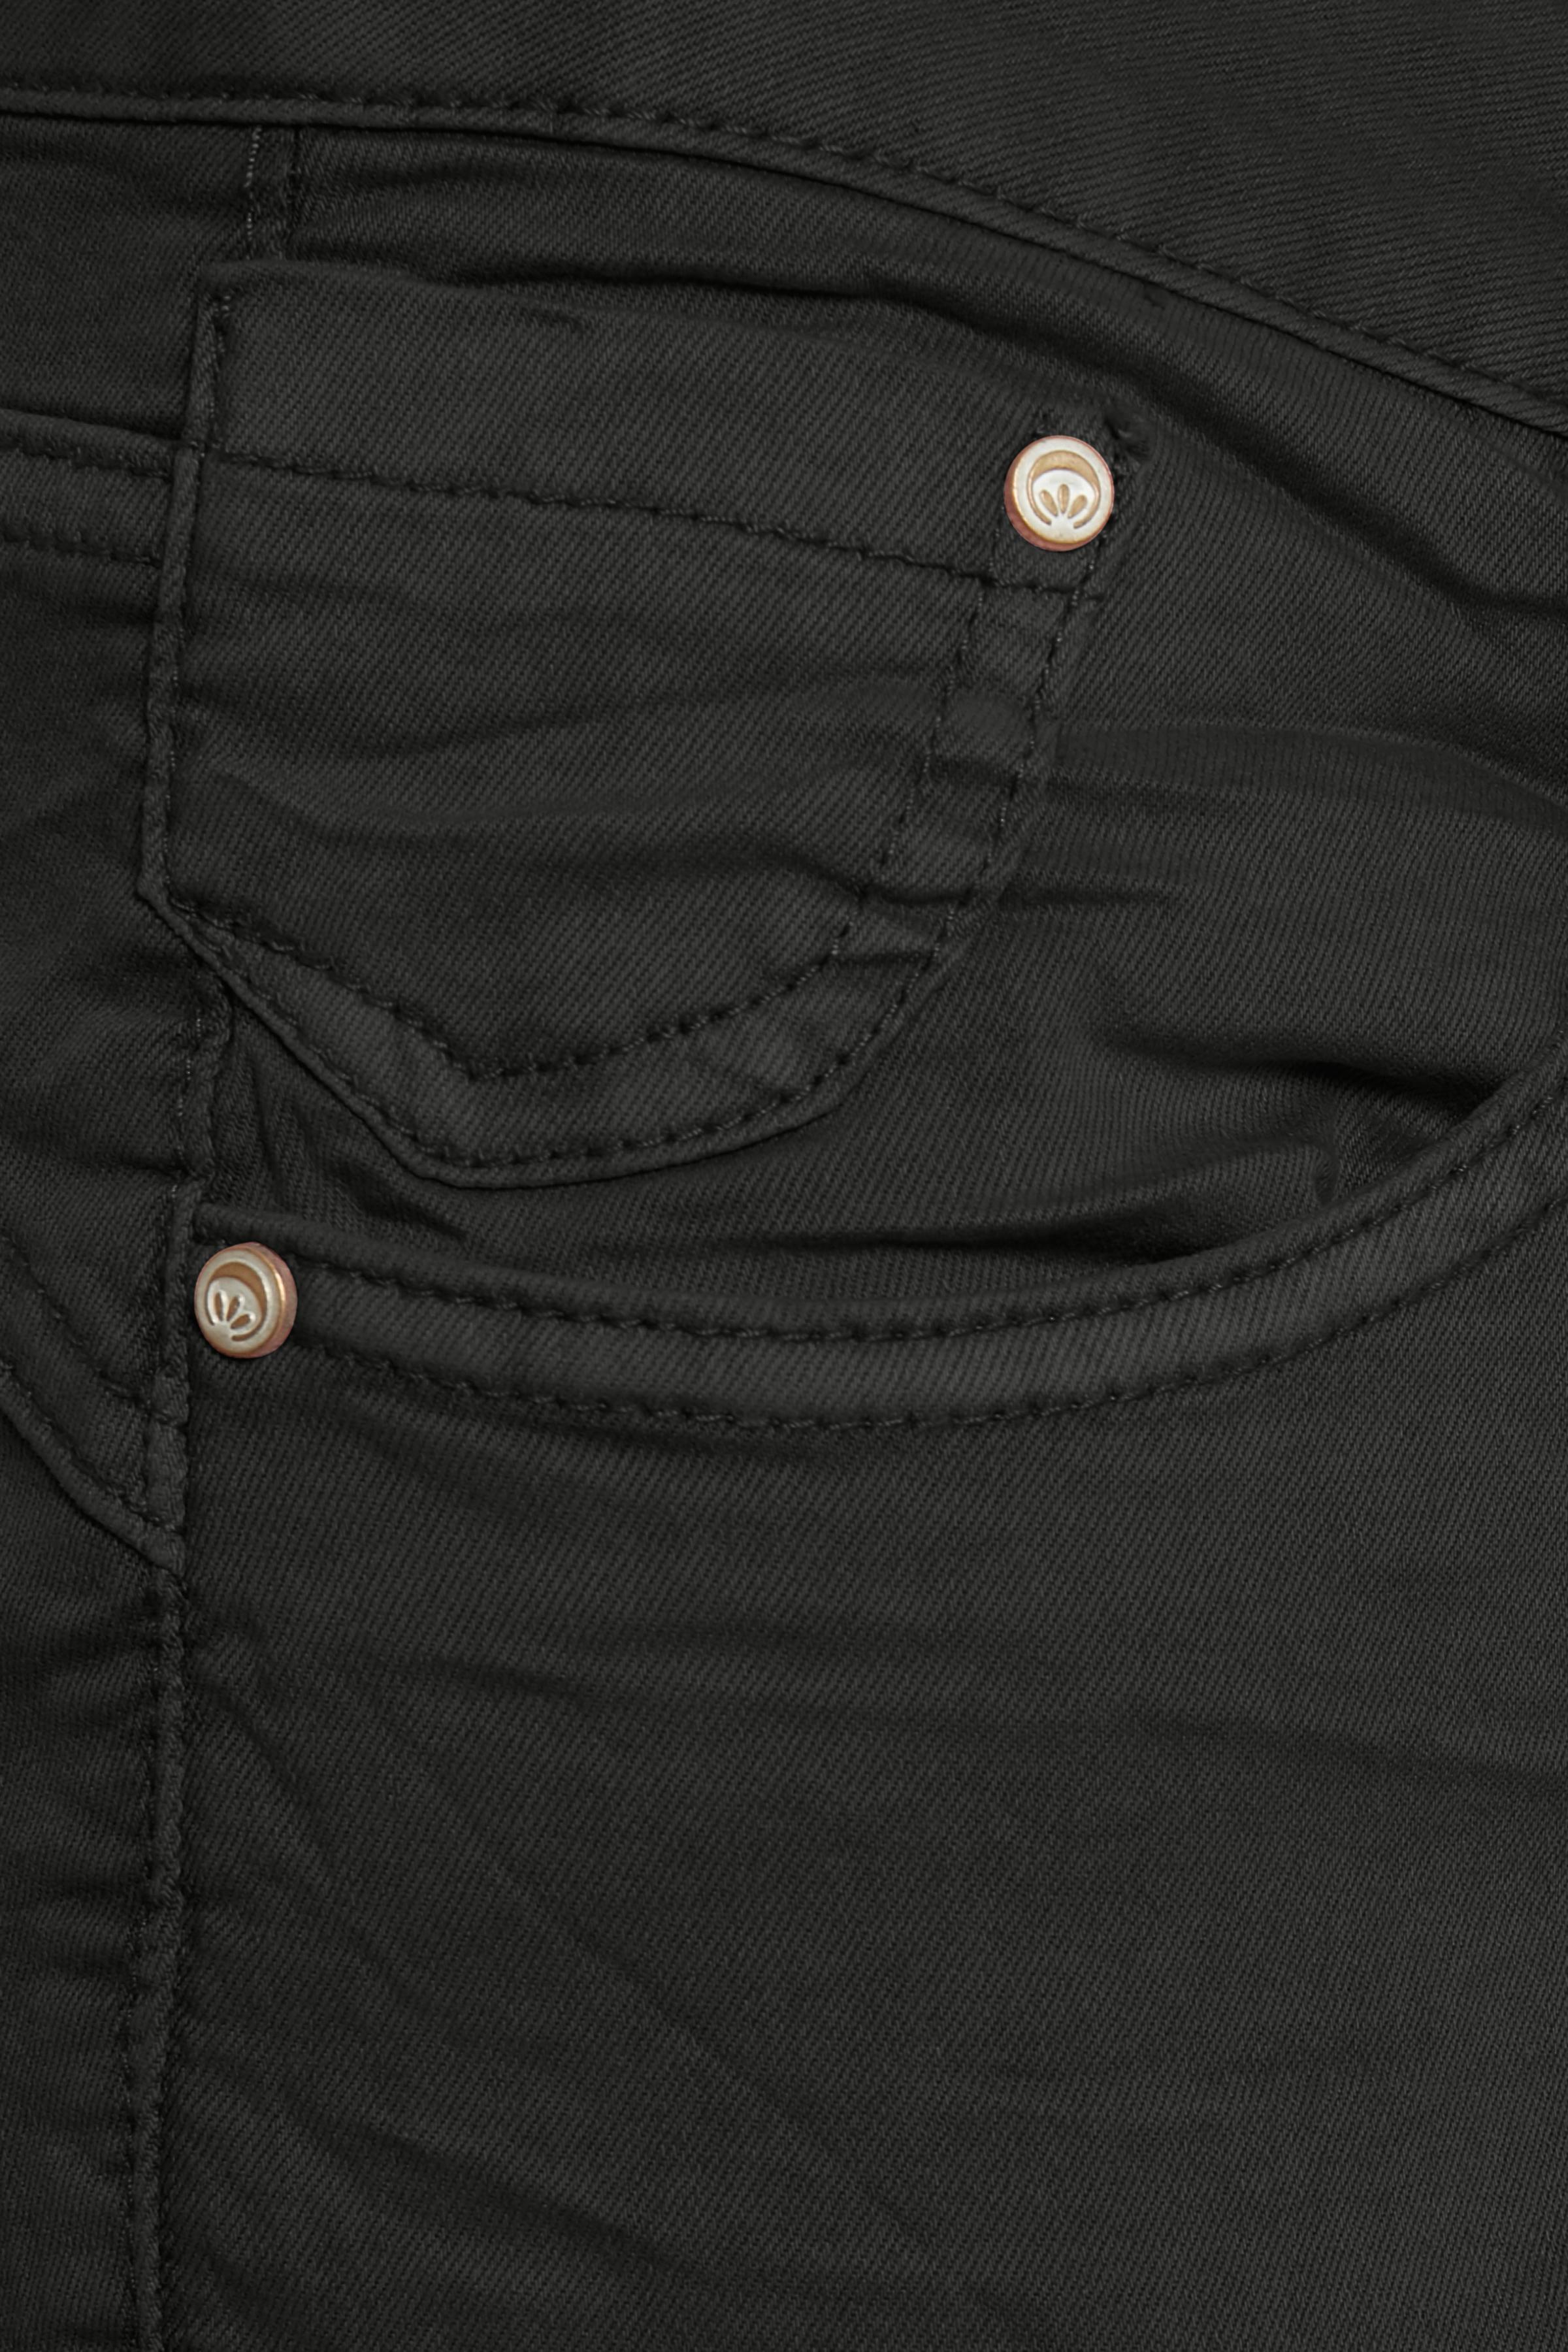 Schwarz Jeans von Cream – Shoppen Sie Schwarz Jeans ab Gr. 24-34 hier